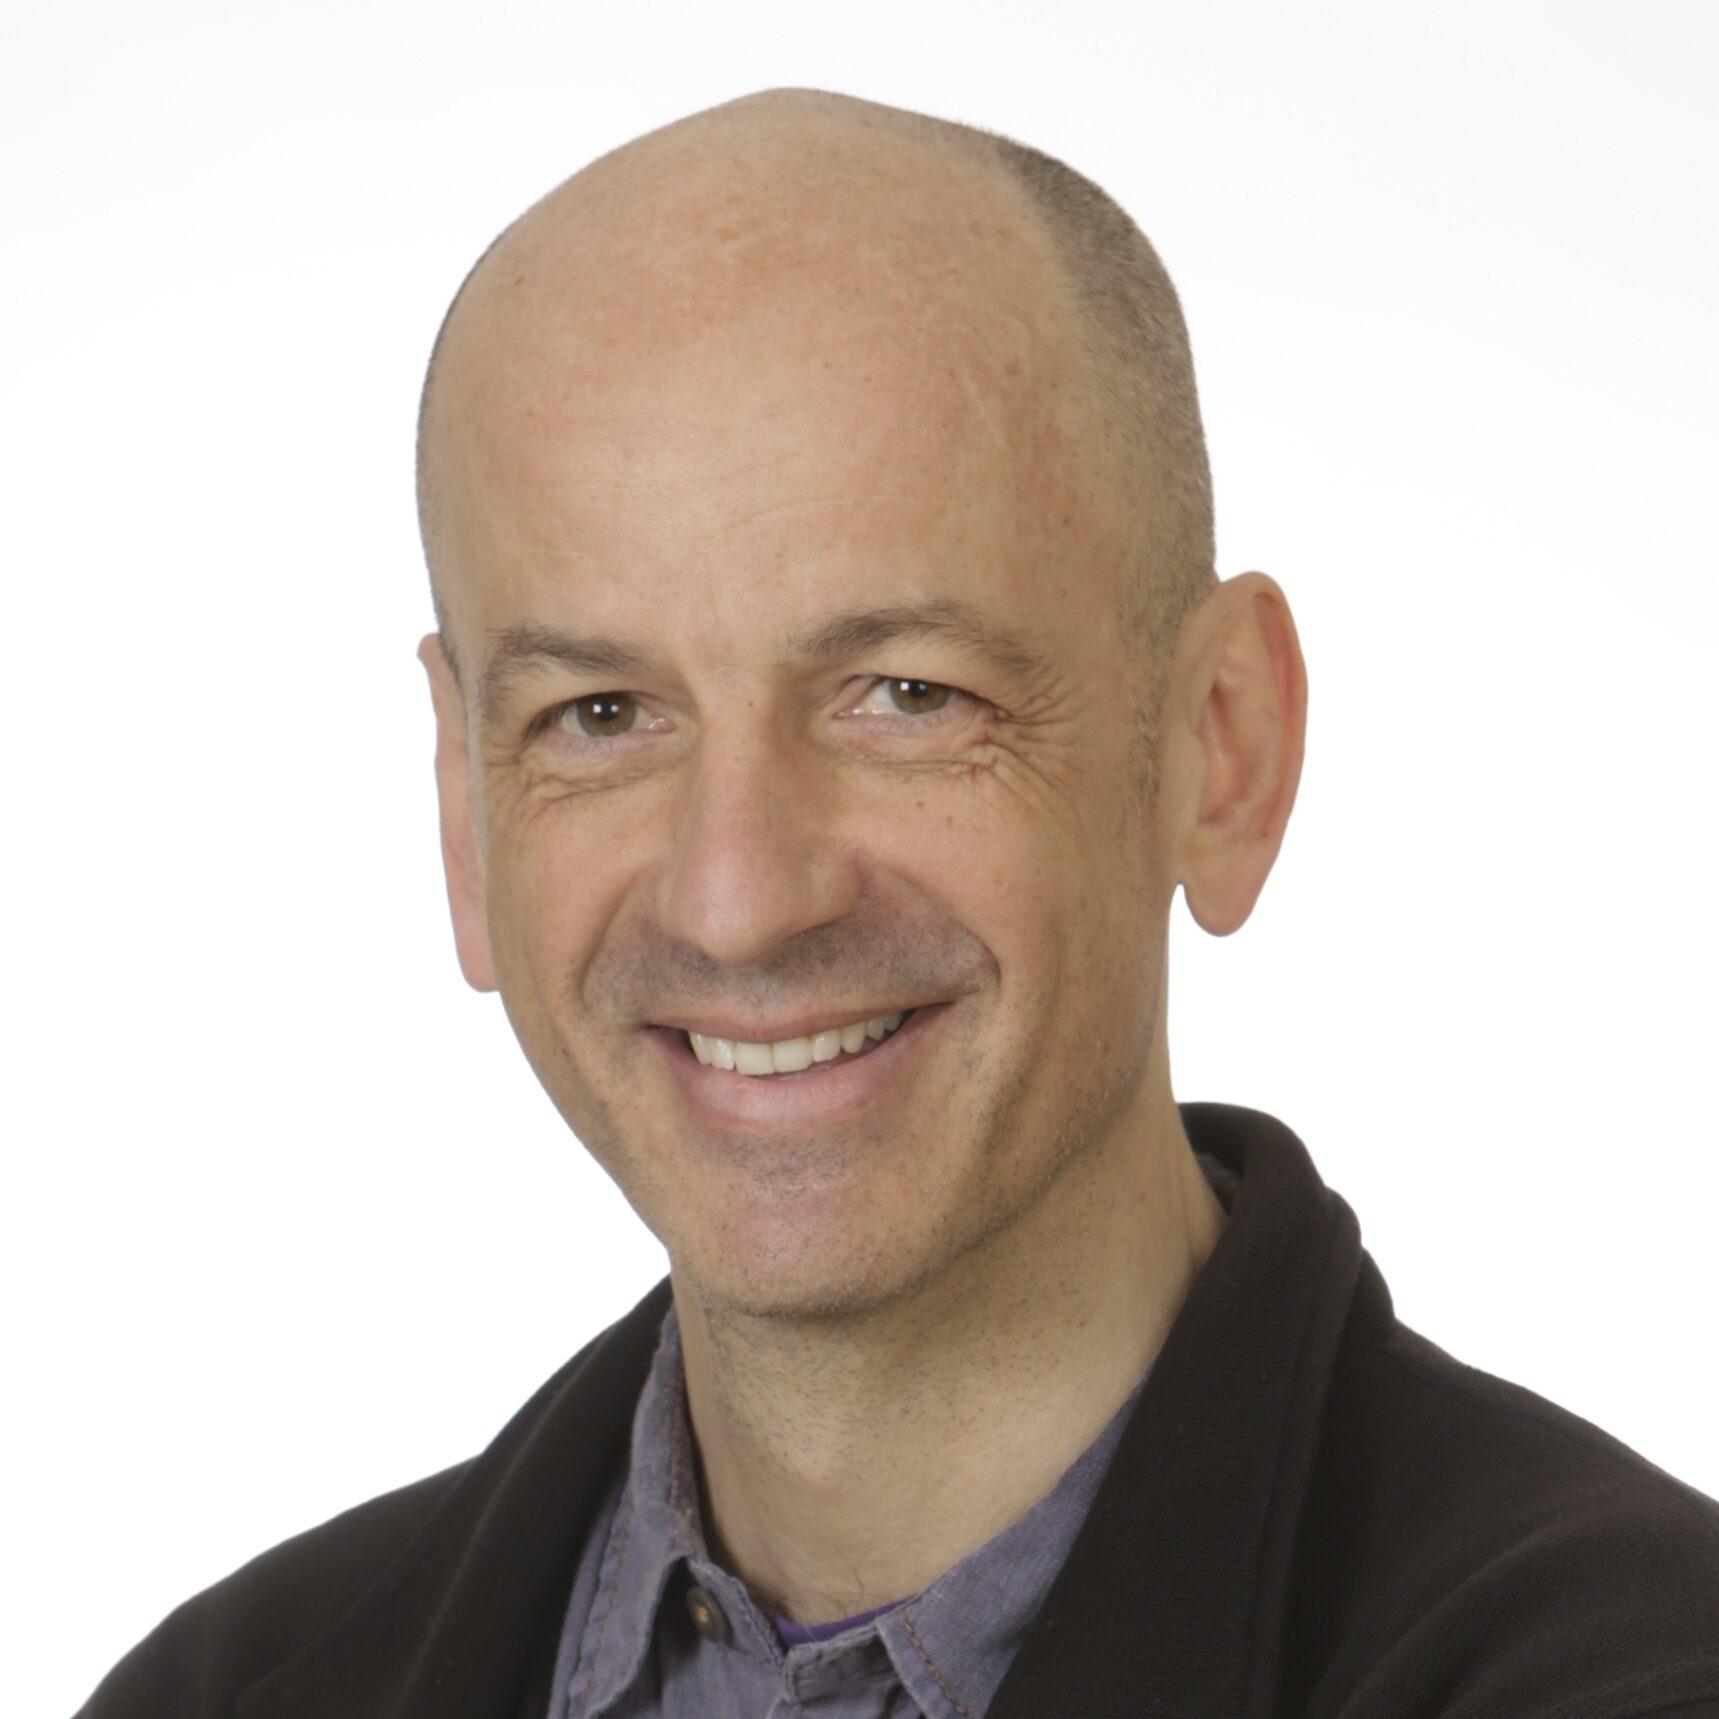 Kevin Reel